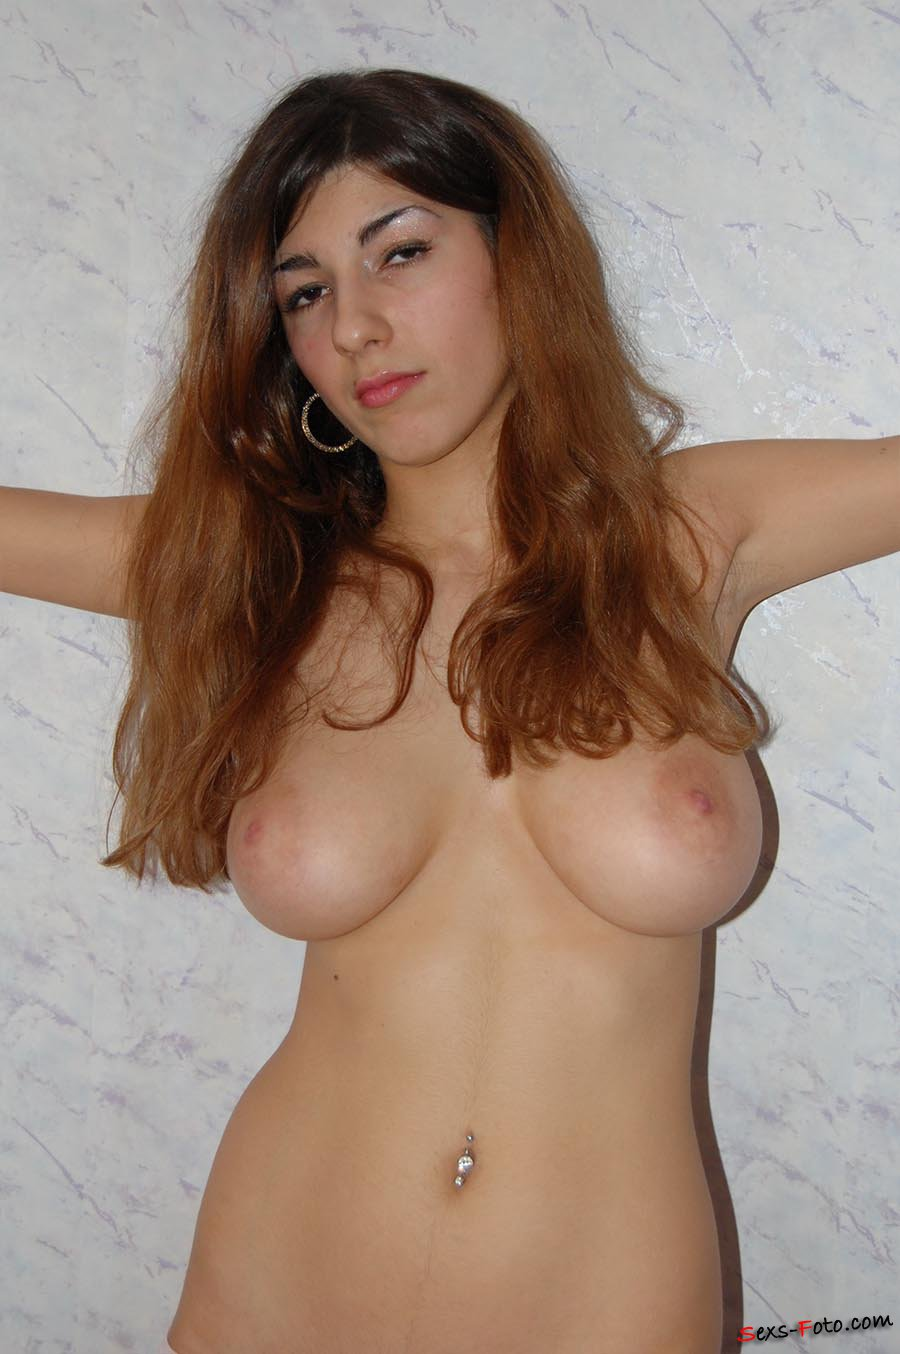 Красивая грузинка показывает огромные сиськи и небритую пизду